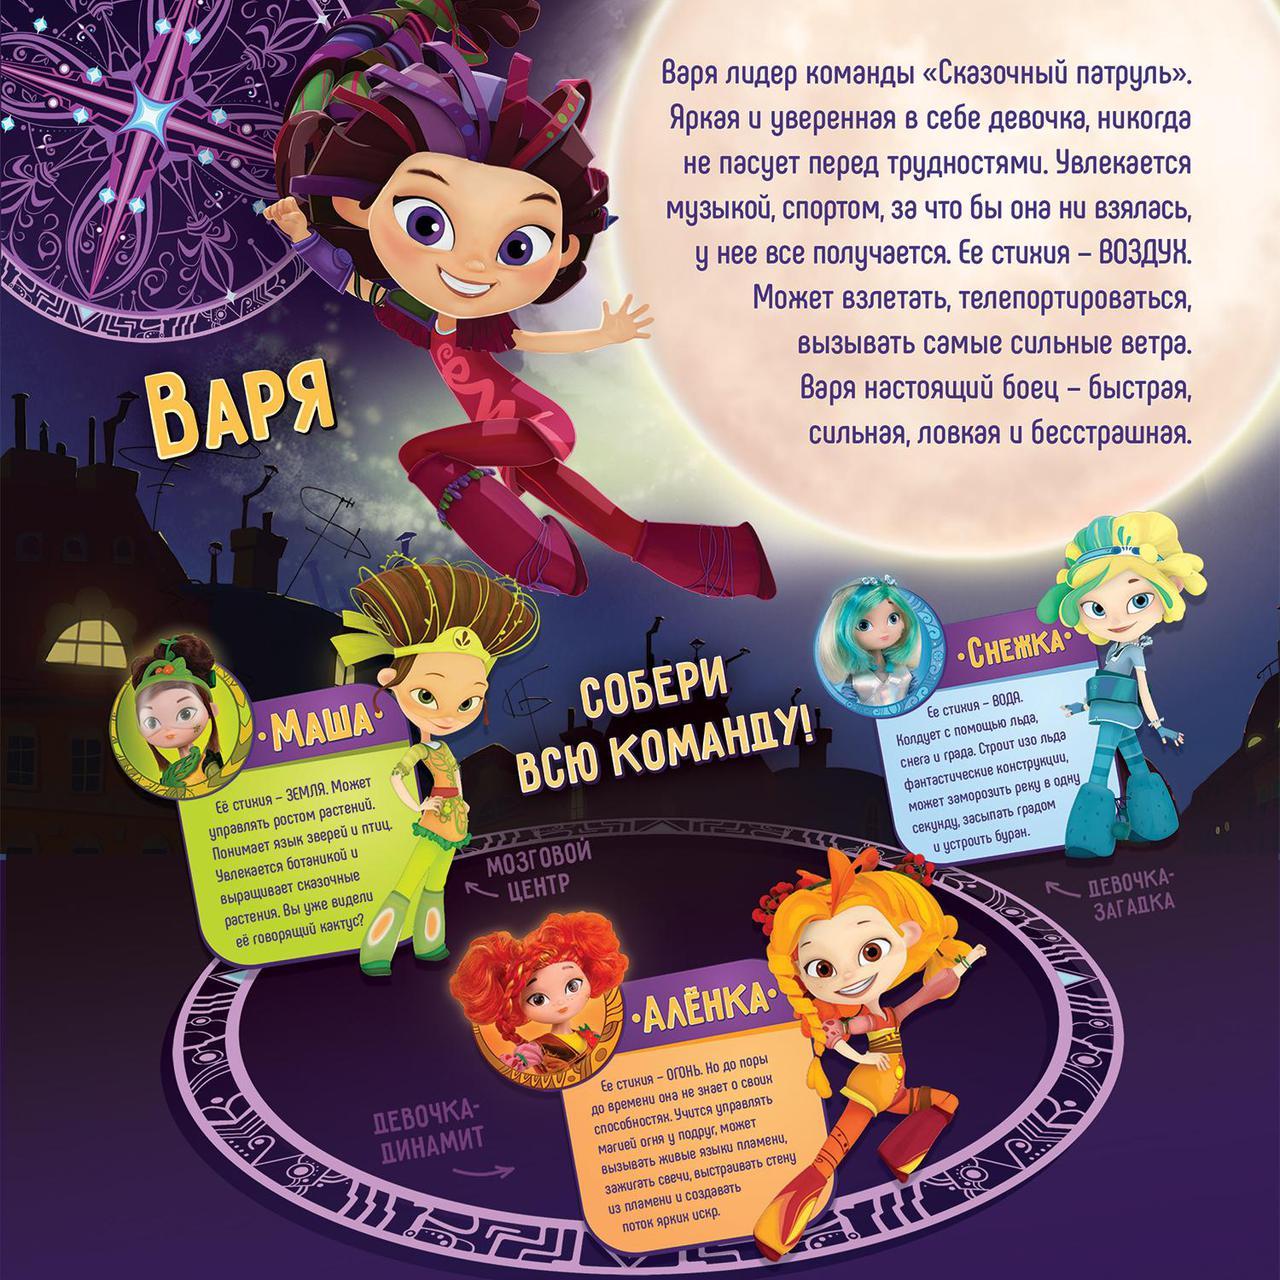 Кукла из серии Magic МАША (Сказочный патруль, Россия) - фото 3